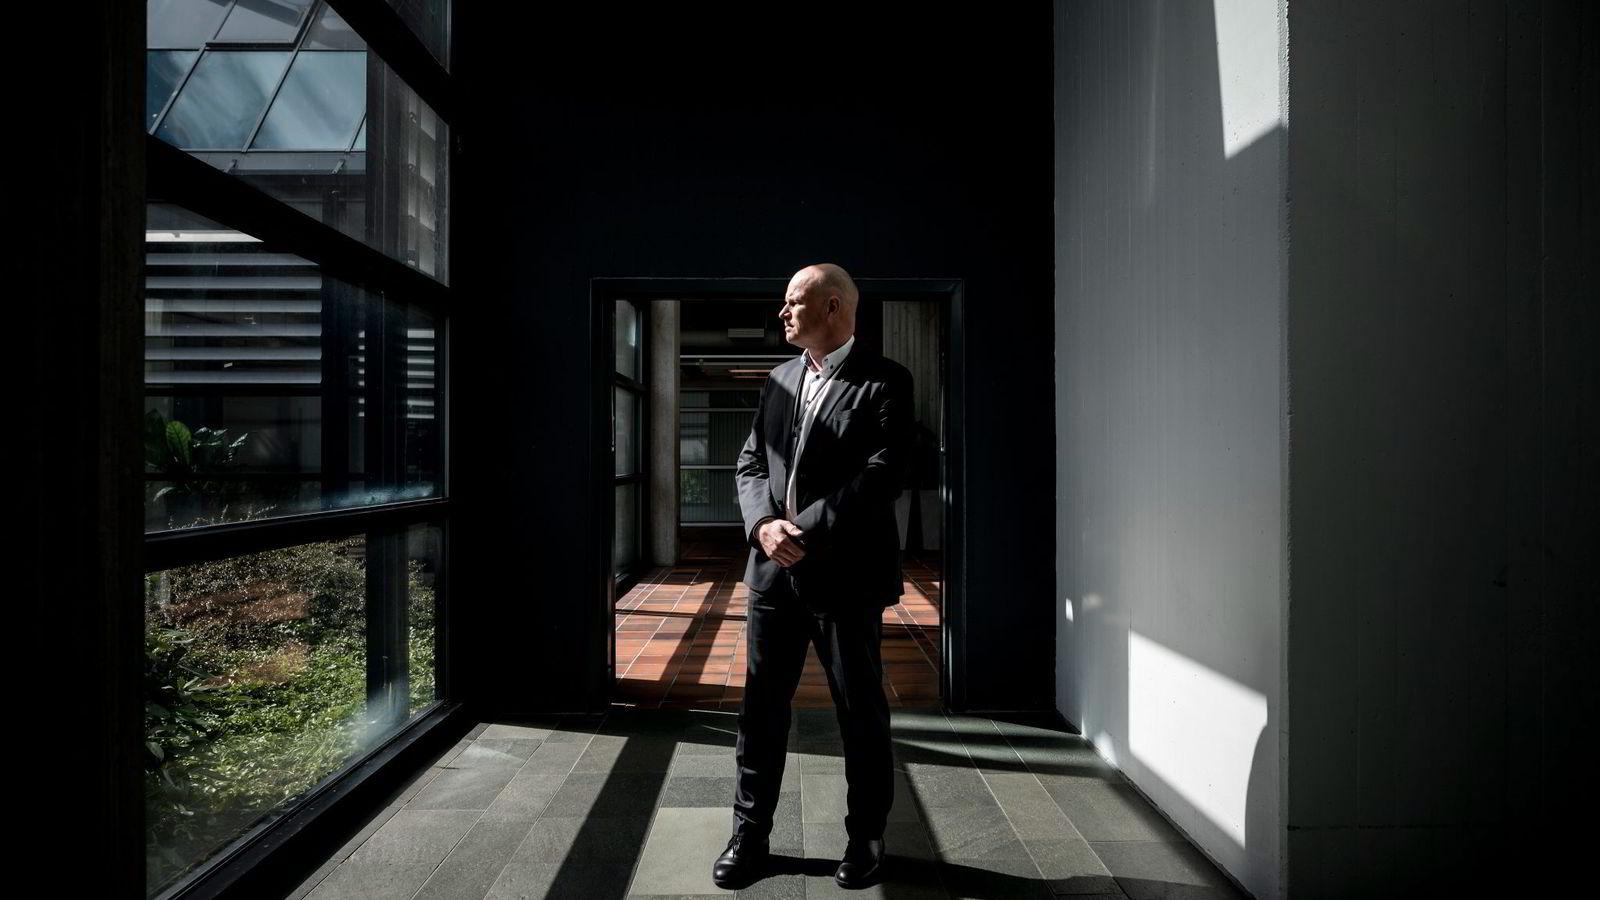 – Pilotene skal uansett ikke føle noe press til å gå på kompromiss med sikkerheten, sier Statoils sokkelsjef Arne Sigve Nylund i hovedkvarteret tirsdag.